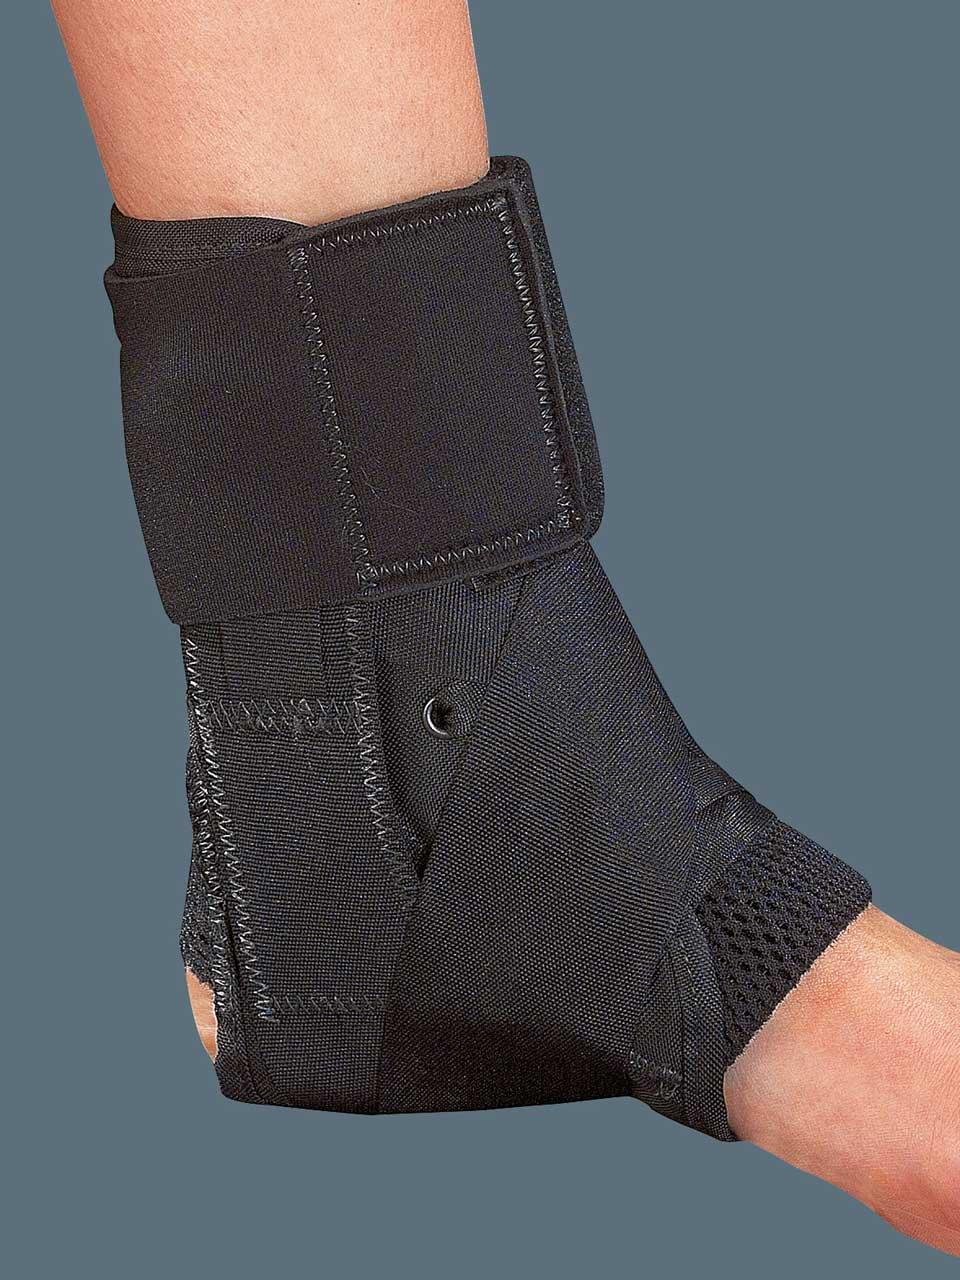 OSC ACTIVE - Ankle brace